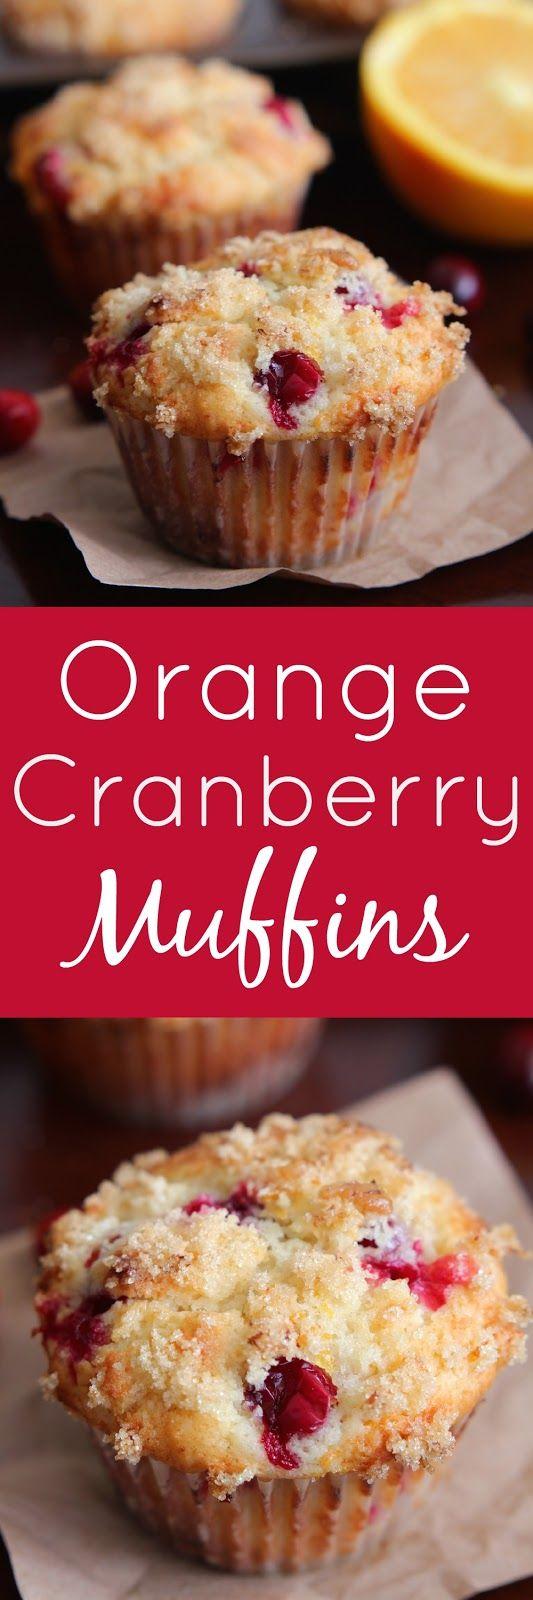 Eat Cake For Dinner: Muffins